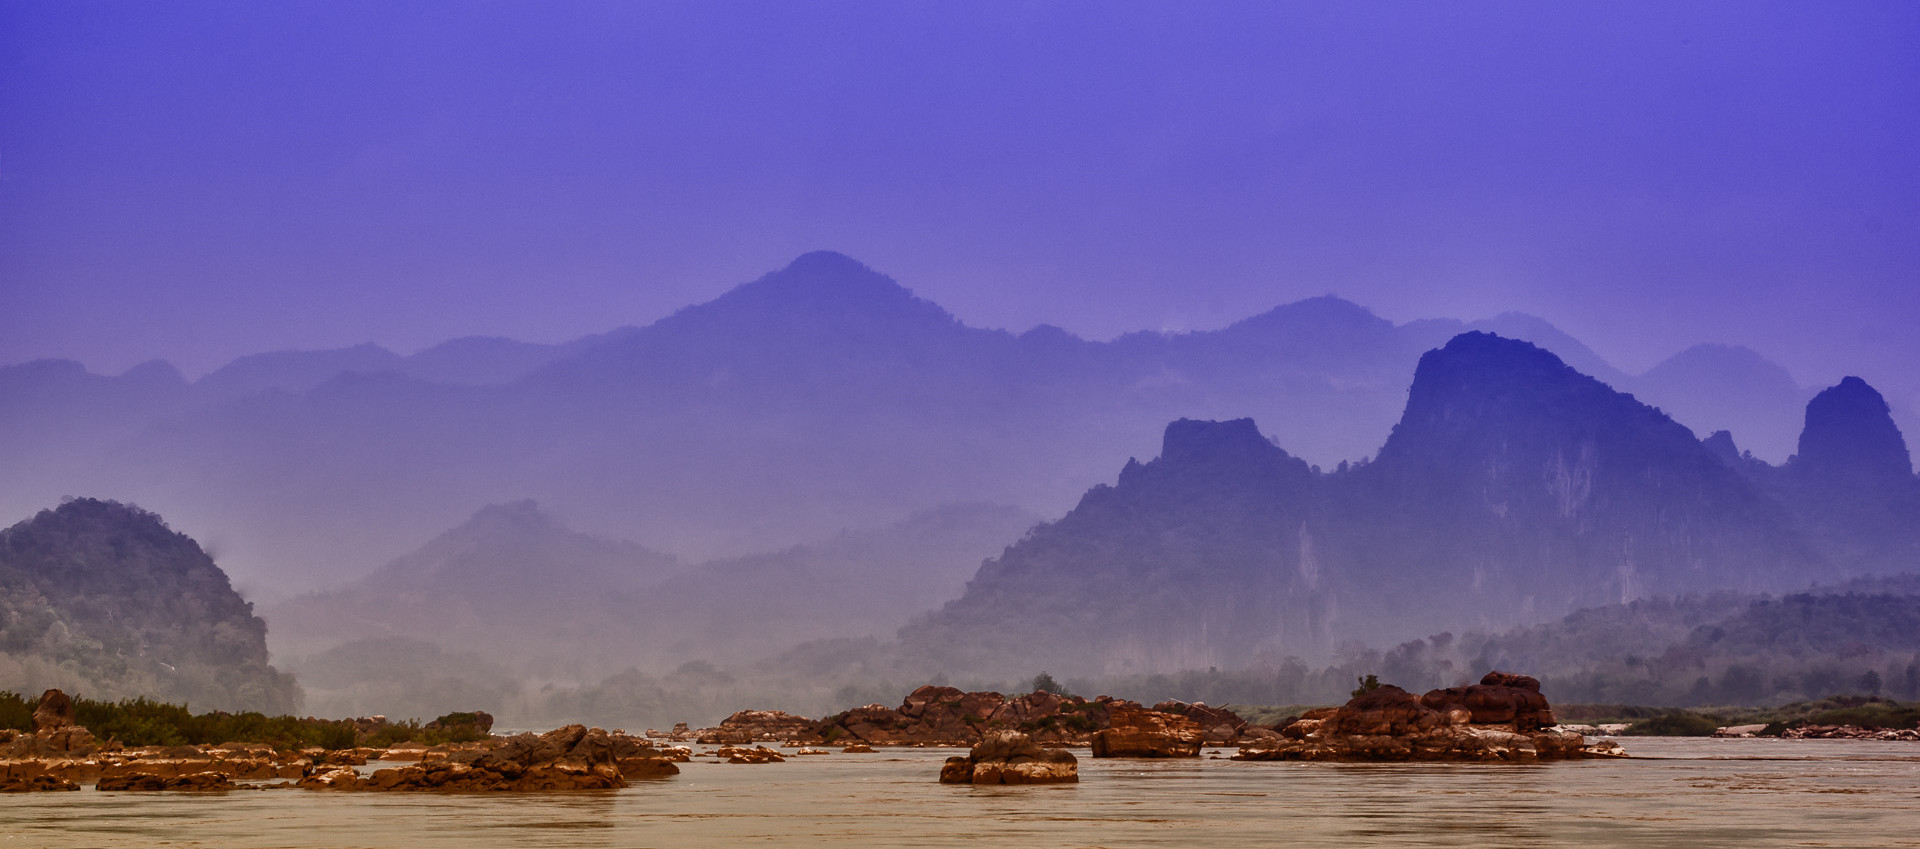 Река Mekhong. Laos